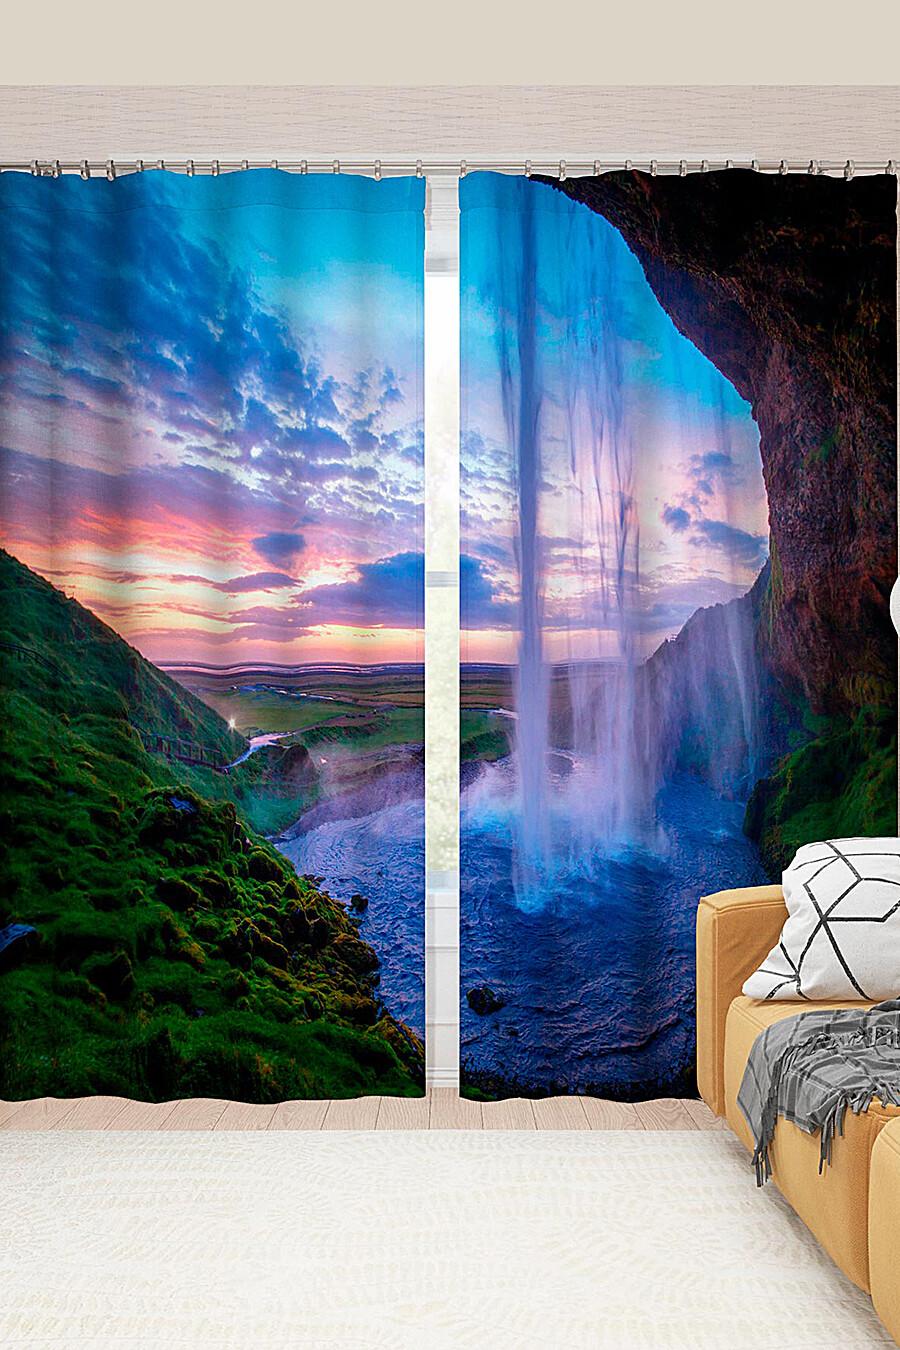 Фотошторы для дома ART HOME TEXTILE 123518 купить оптом от производителя. Совместная покупка товаров для дома в OptMoyo